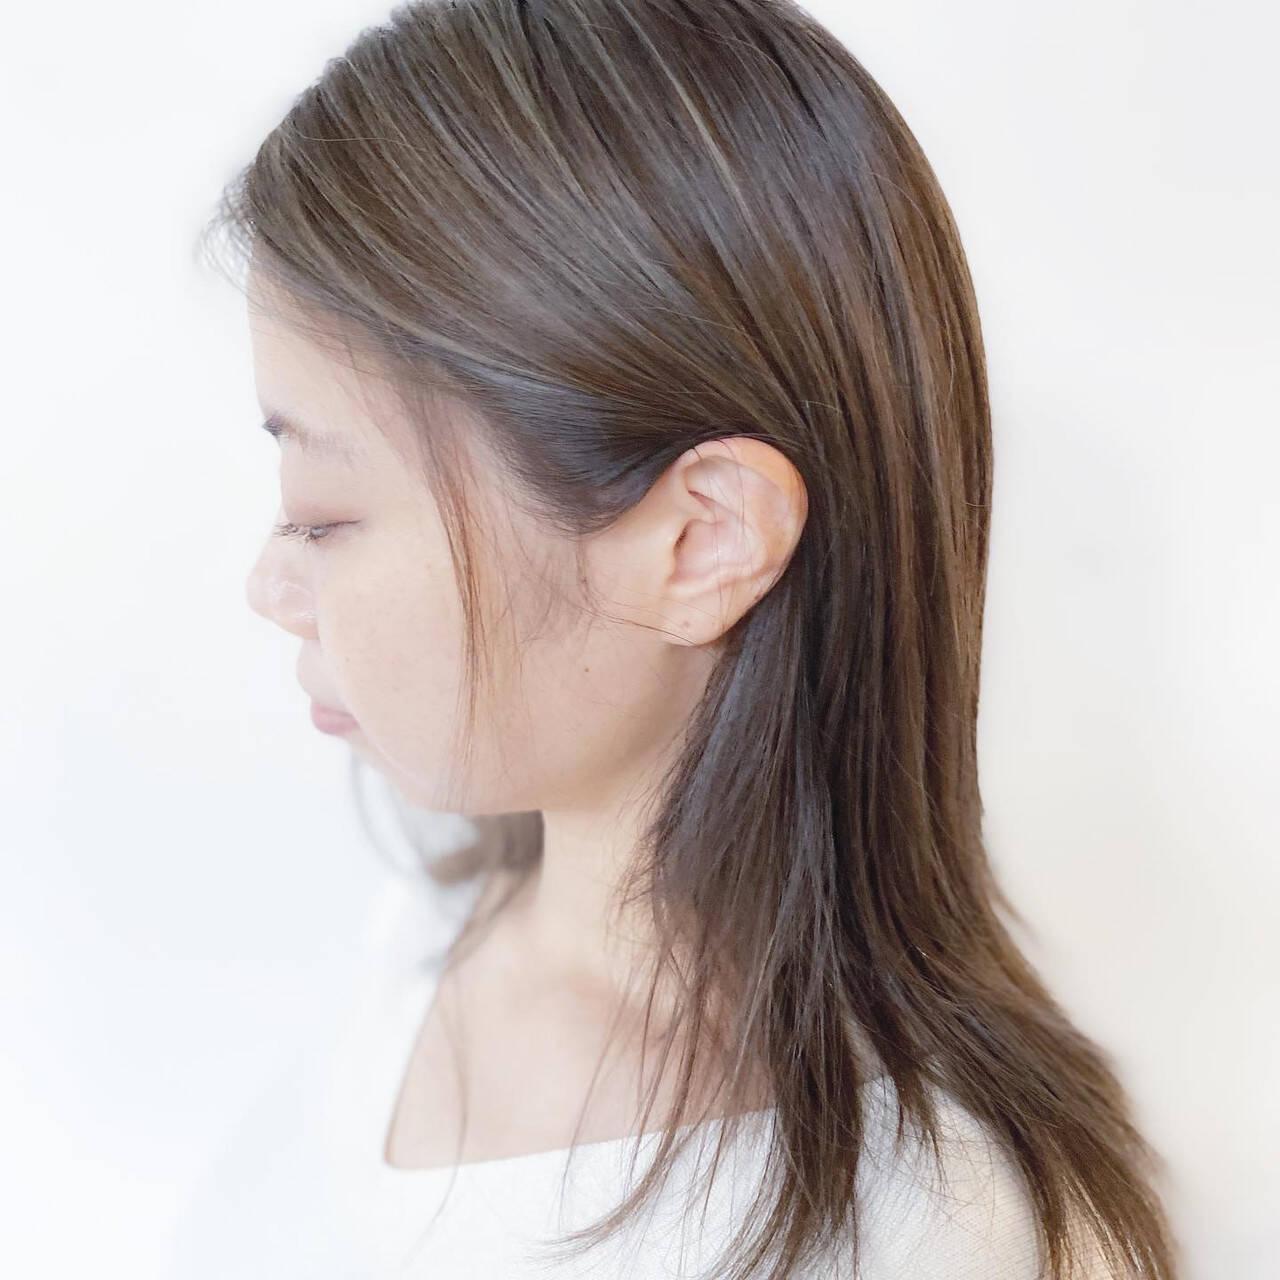 アッシュグレージュ 3Dハイライト ハイライト ナチュラルヘアスタイルや髪型の写真・画像